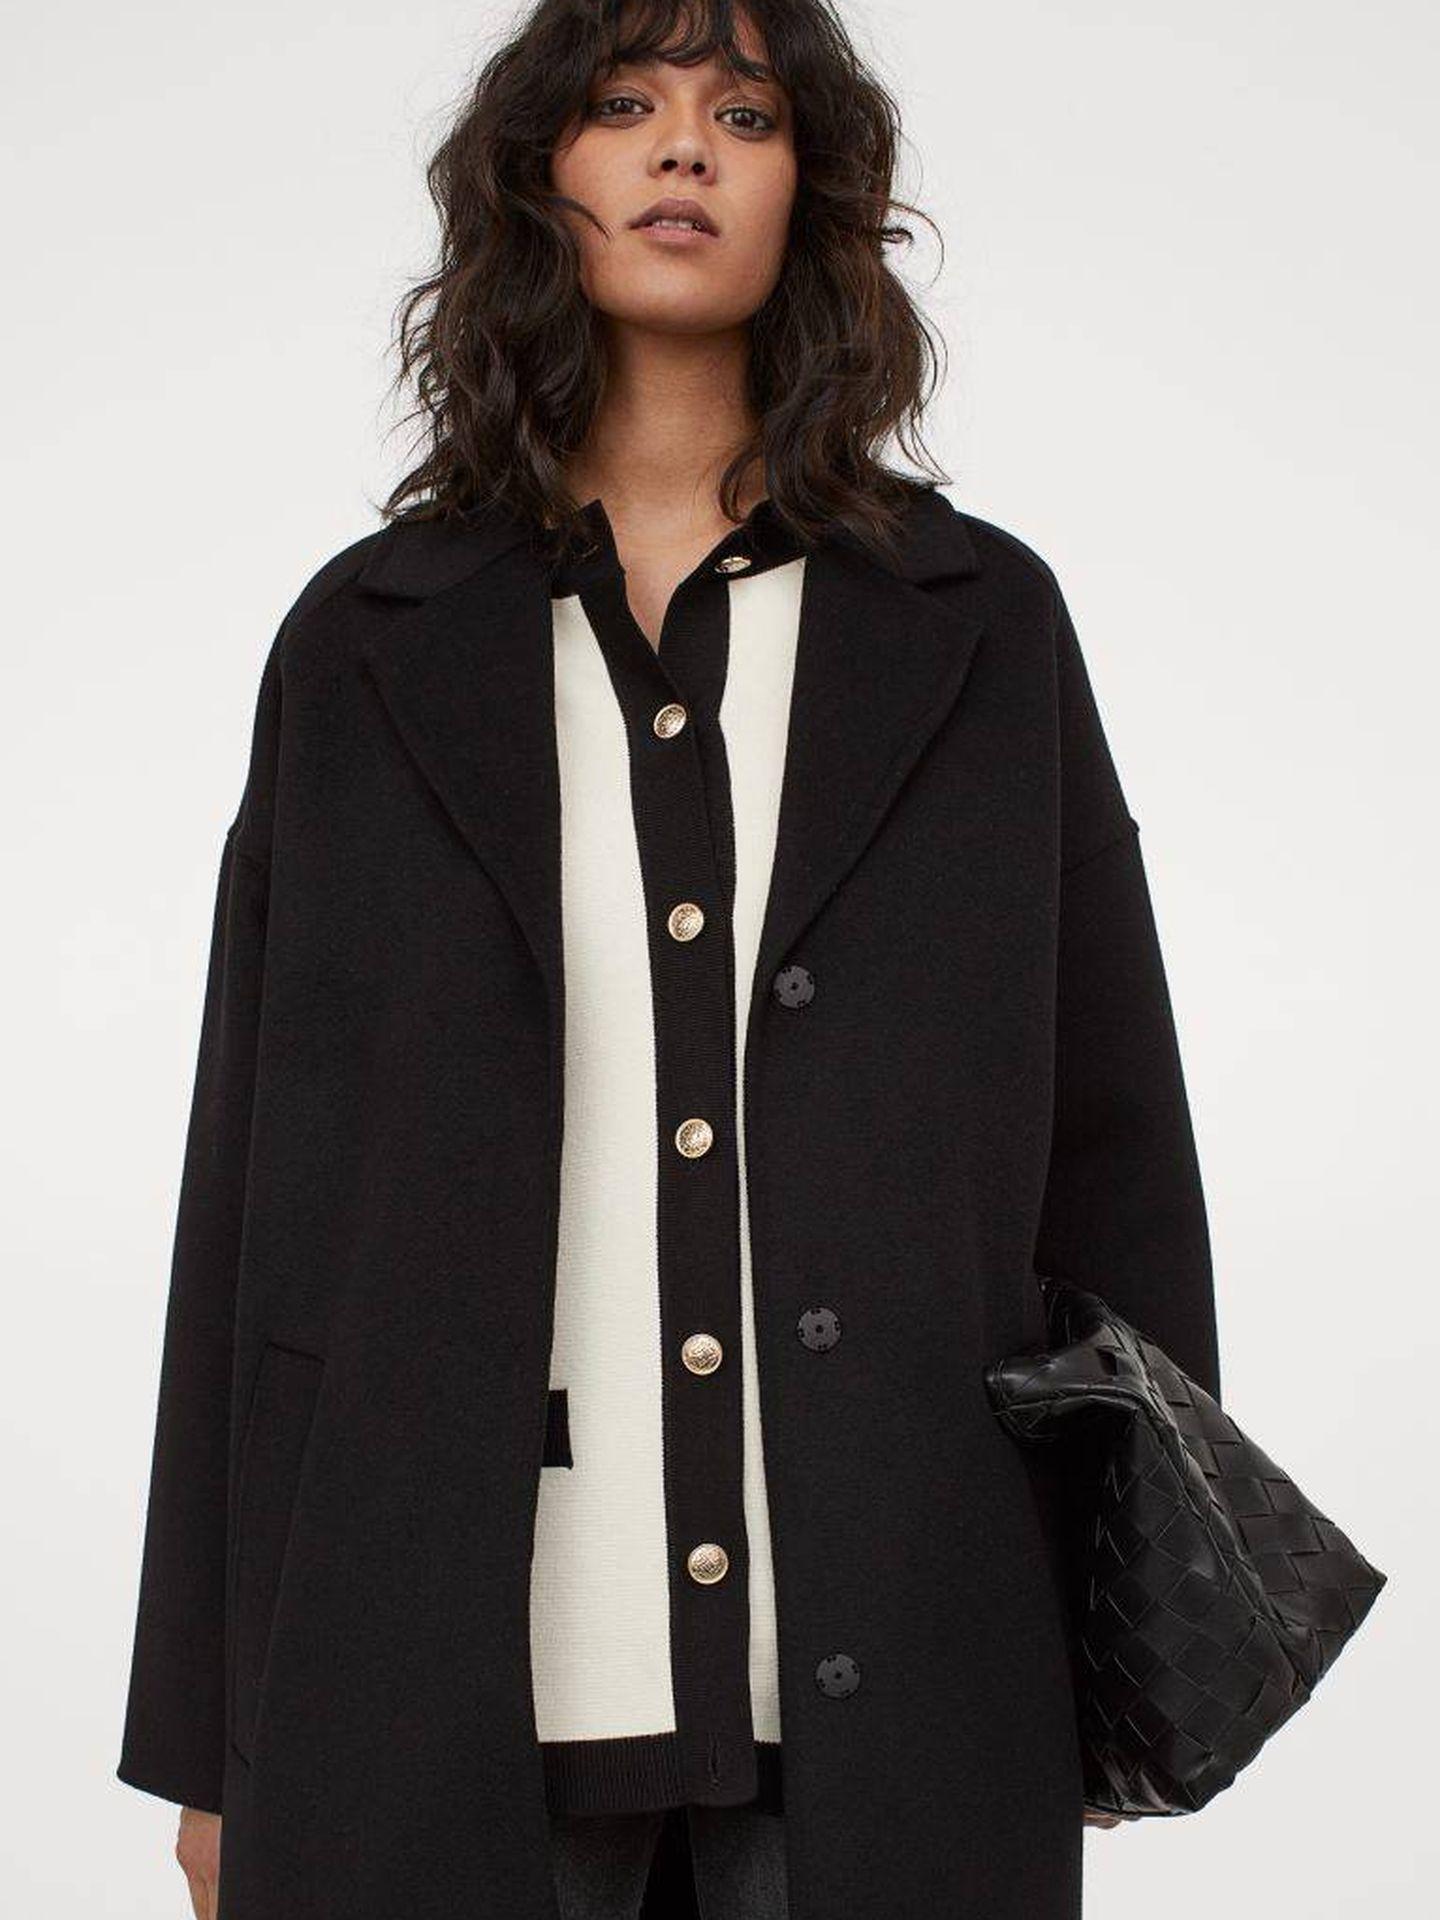 La chaqueta de punto de HyM. (Cortesía)